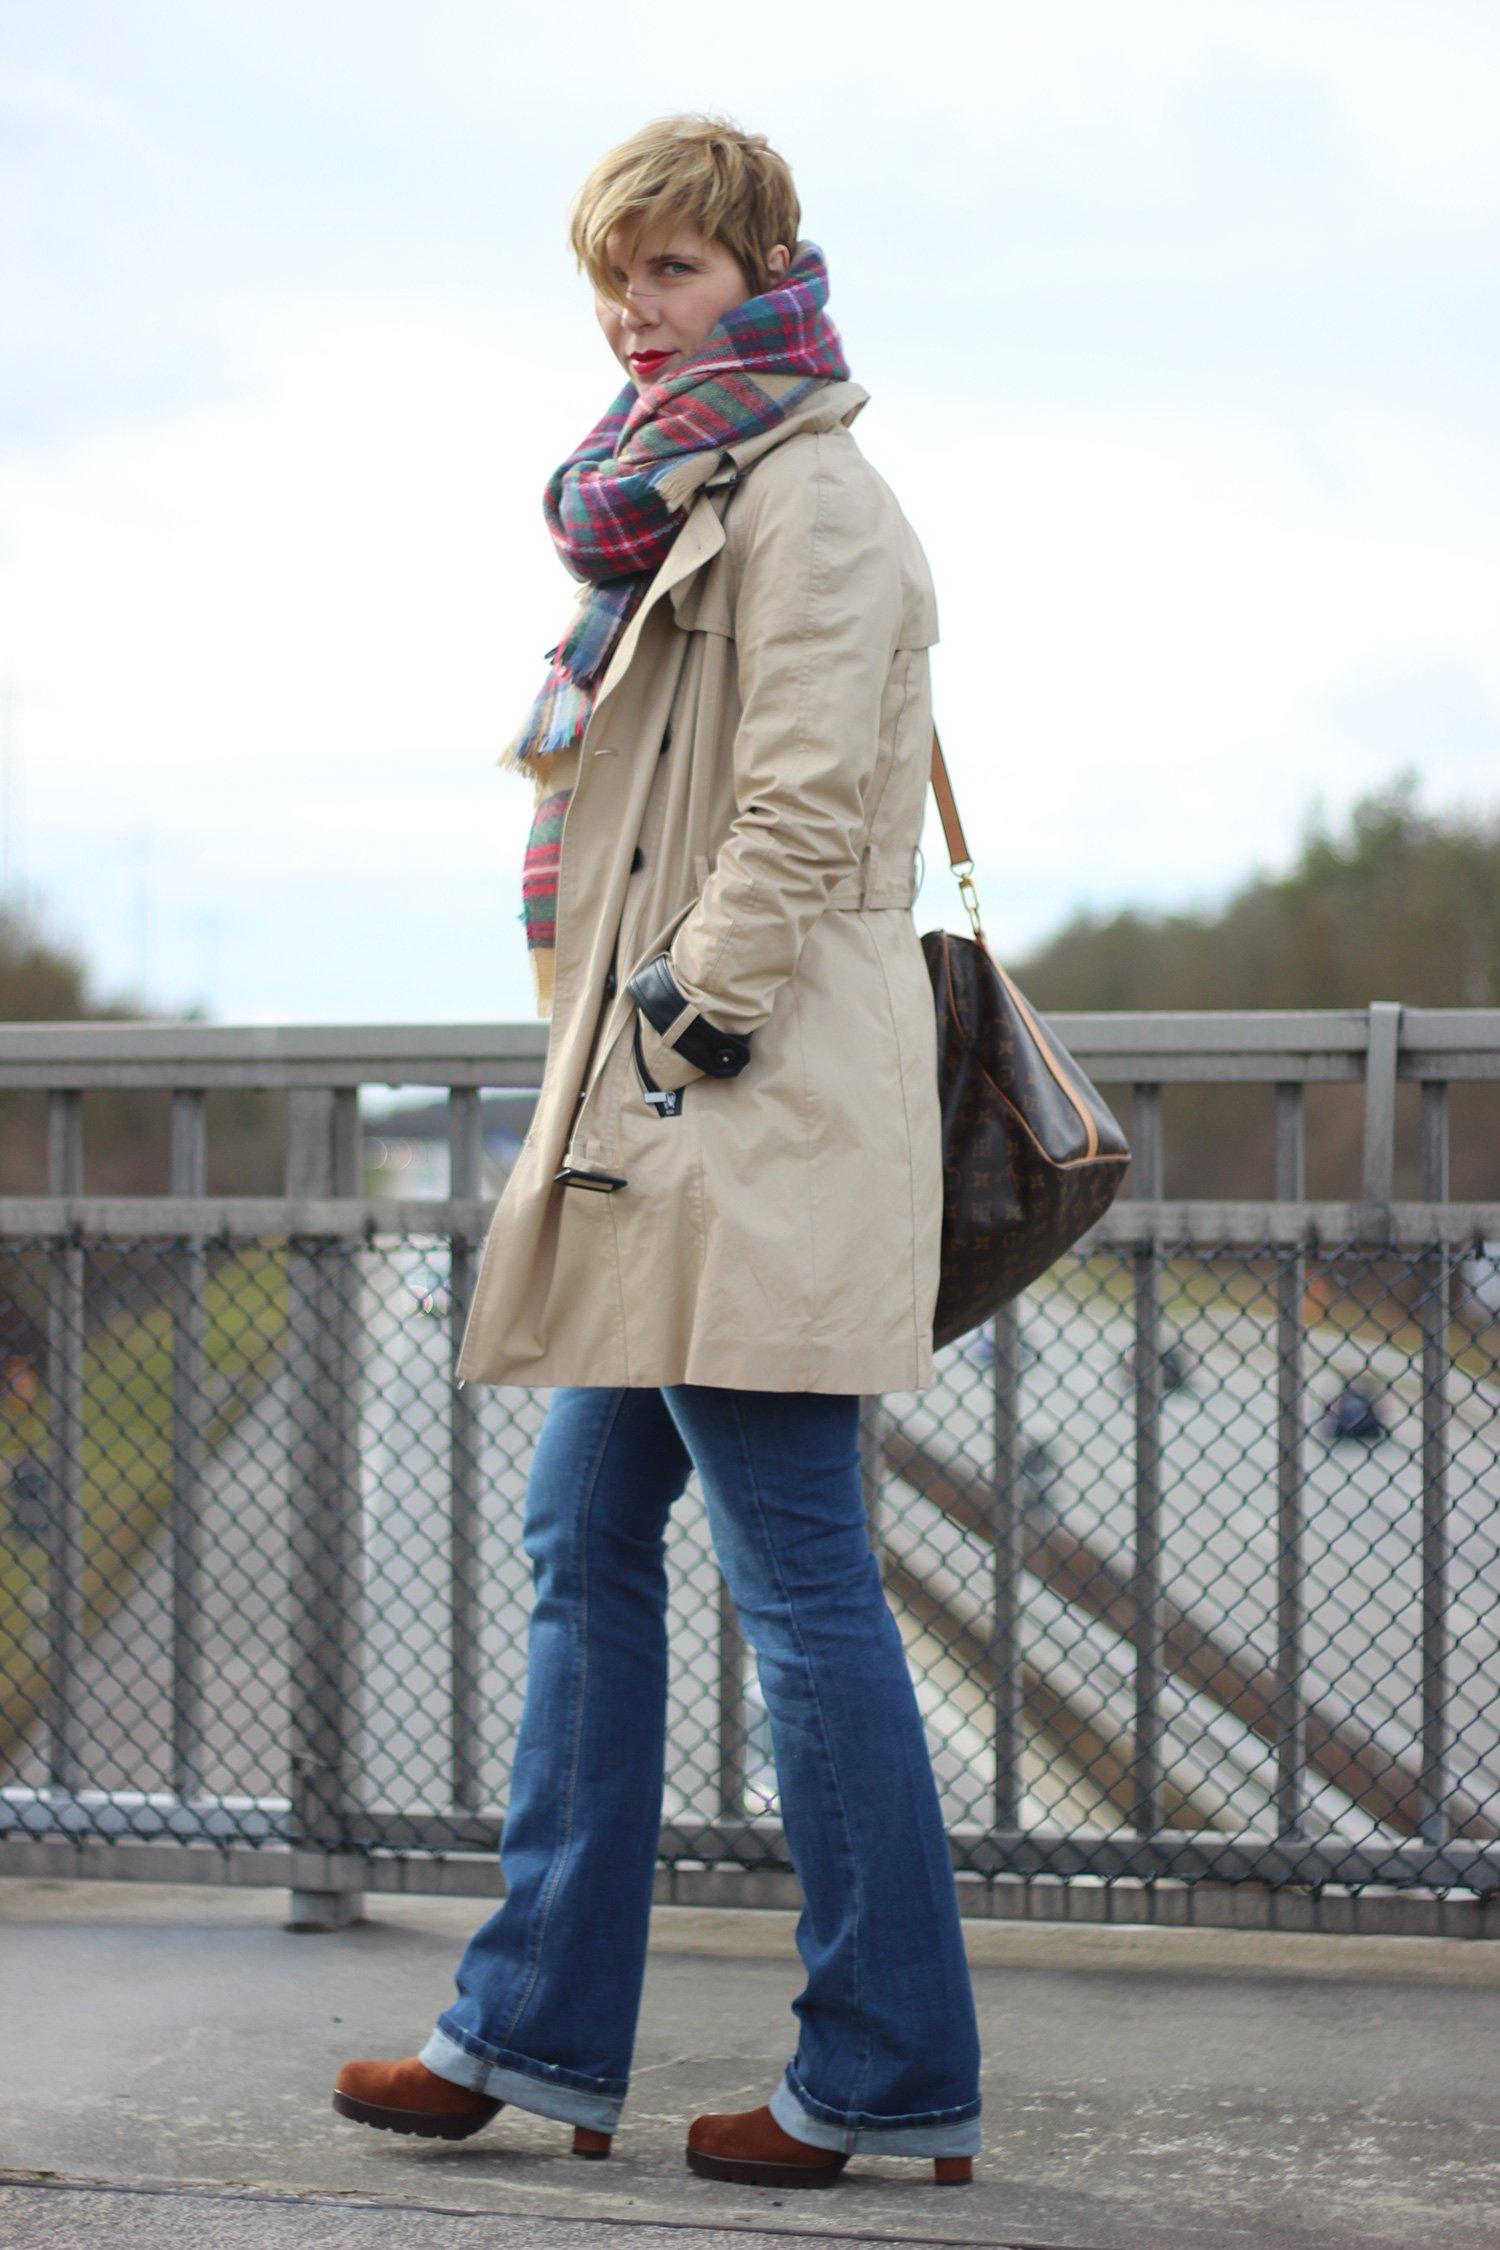 Schlaghosen, Trenchcoat, blau und beige, auf Autobahnbrücke